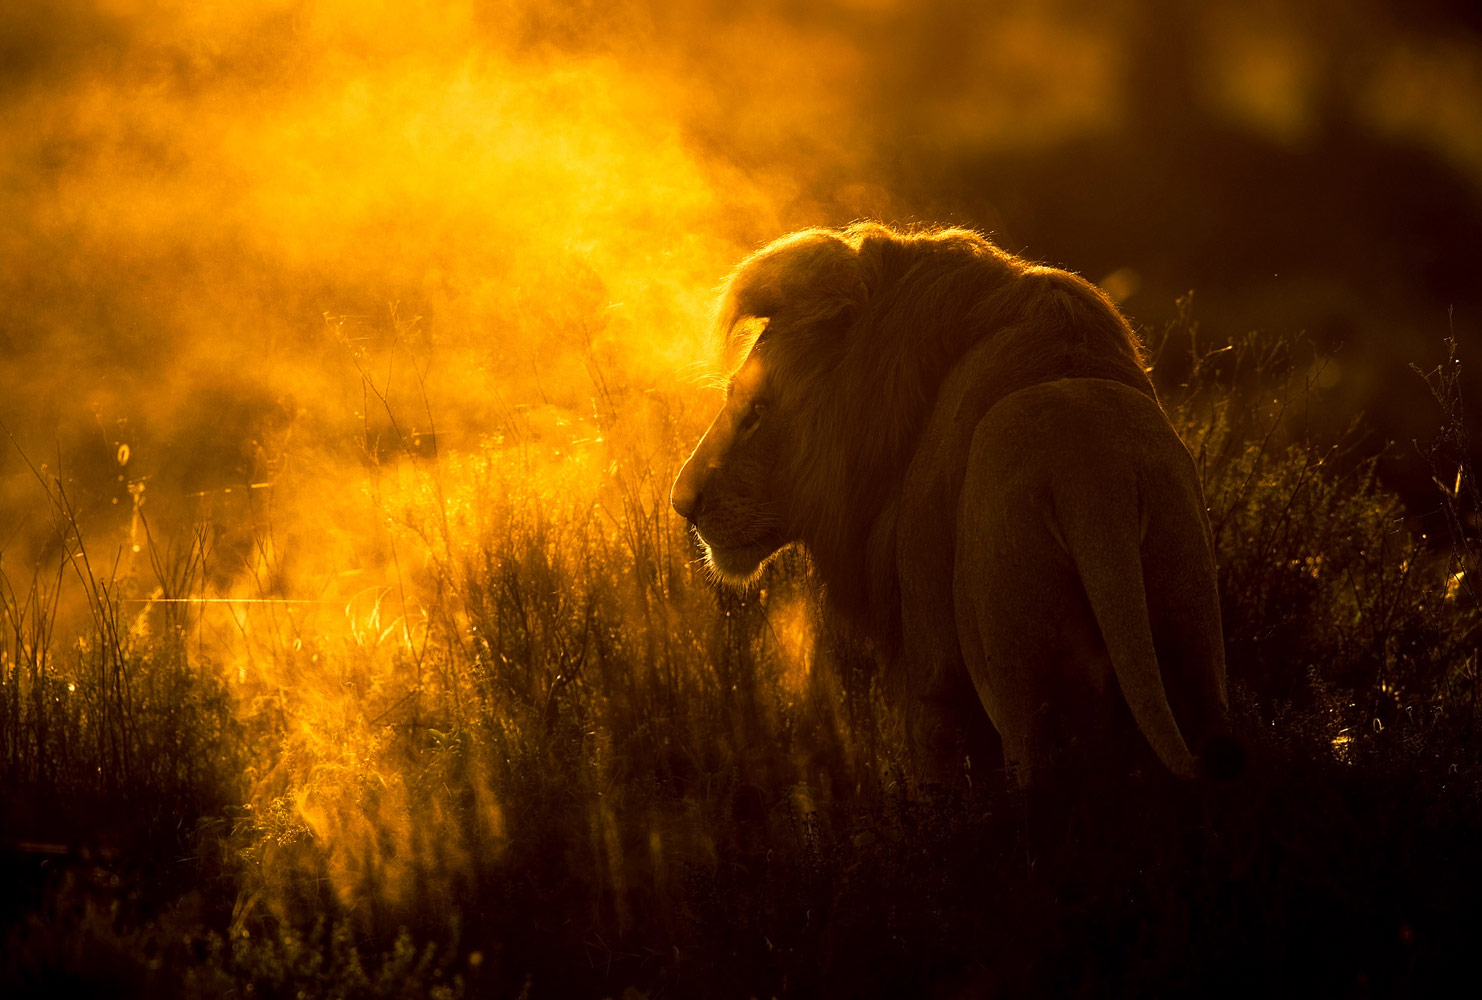 Лев в тумане, © Викторас Дубинскас, Победитель, Фотоконкурс «Золотая Черепаха»